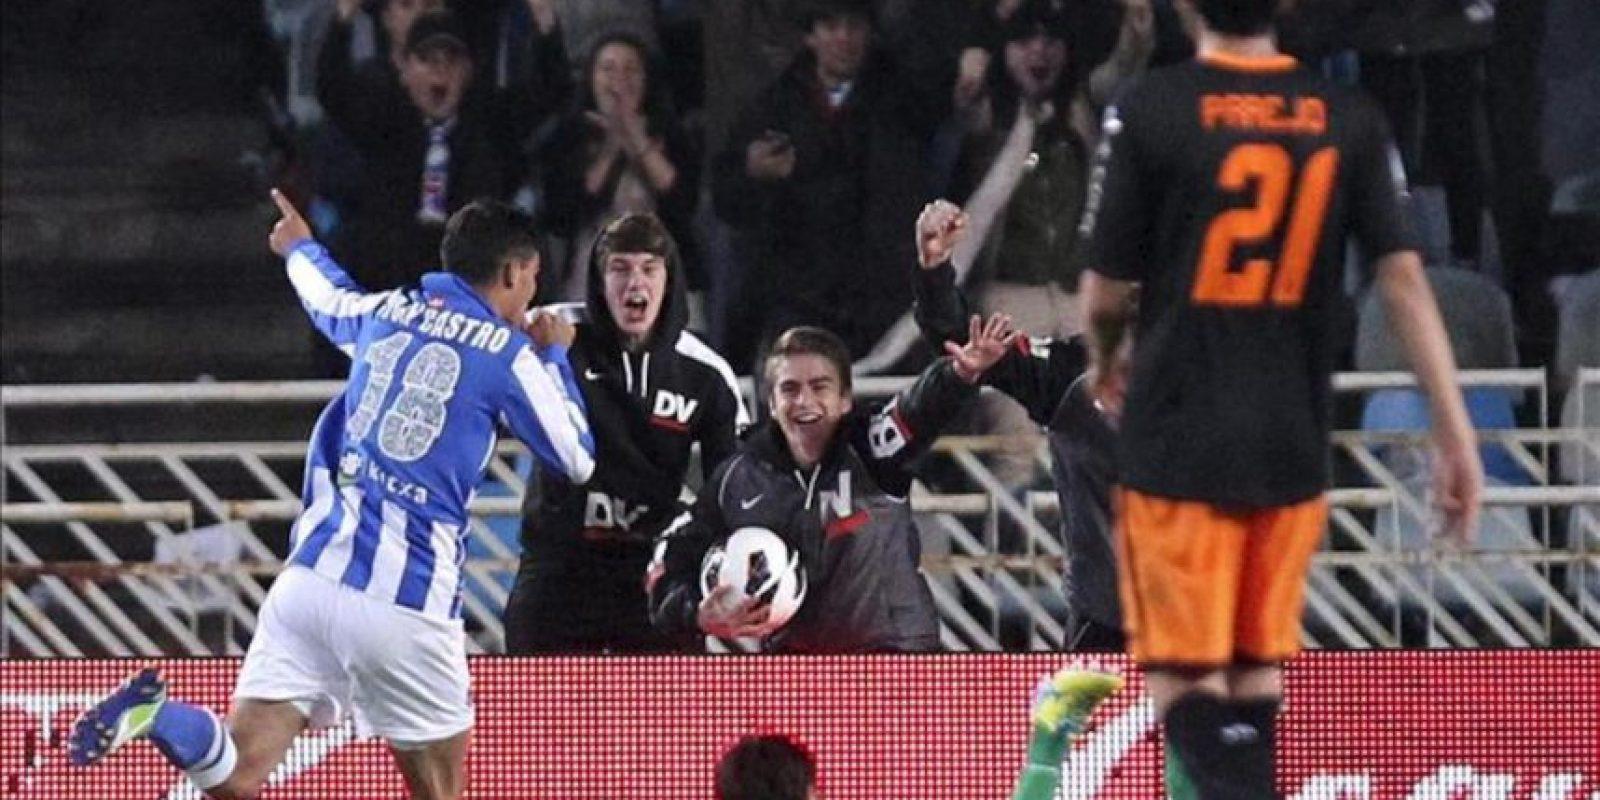 El uruguayo Chori Castro (i), centrocampista de la Real Sociedad, celebra su gol, segundo de su equipo, durante el partido de la trigésima tercera jornada de Liga en Primera División que Real Sociedad y Valencia CF disputaron en el estadio de Anoeta de San Sebastián. EFE